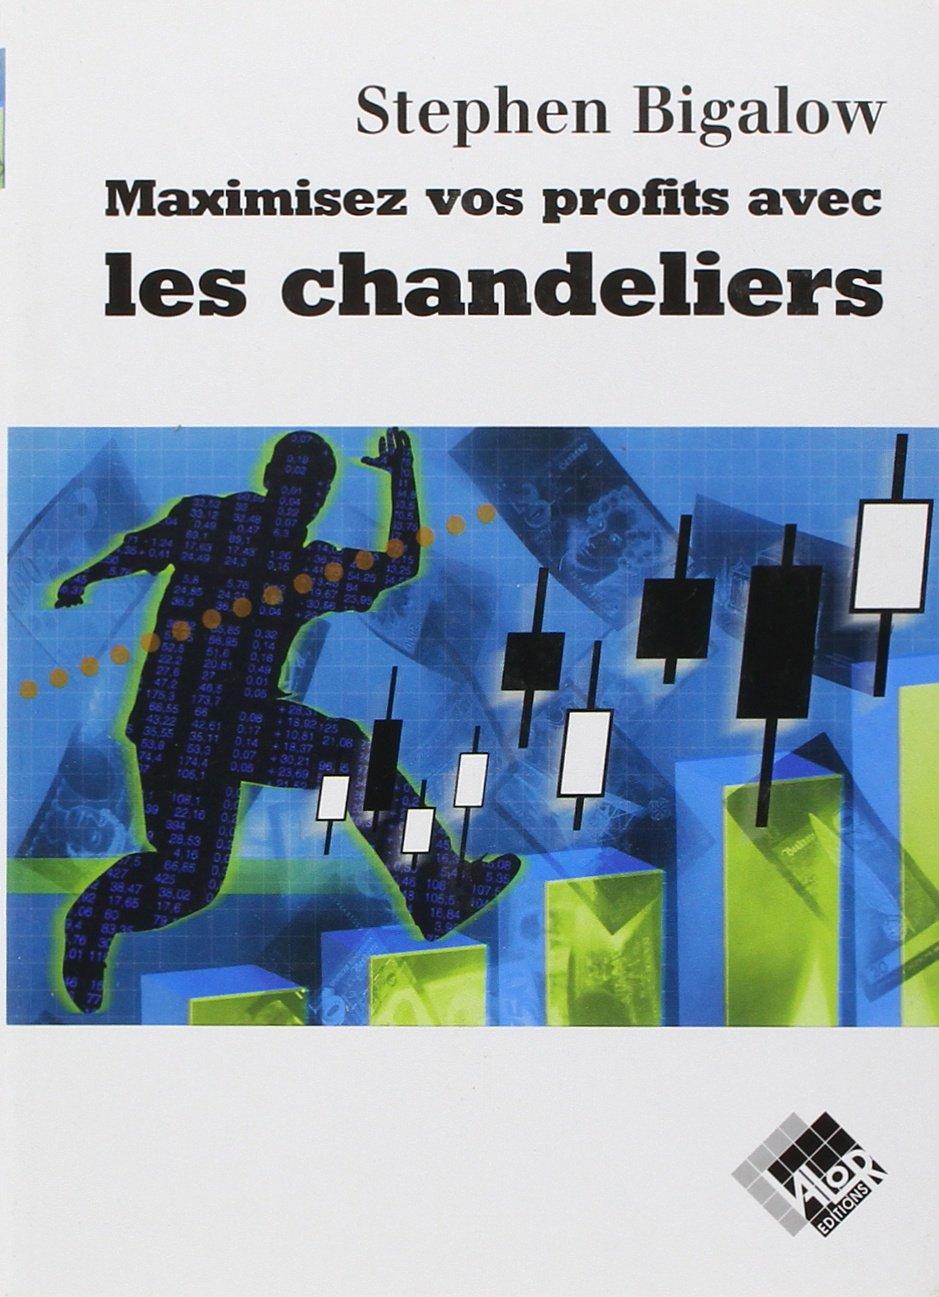 Maximisez vos profits avec les chandeliers Broché – 3 février 2005 Stephen W. Bigalow Valor 290935640X TL290935640X